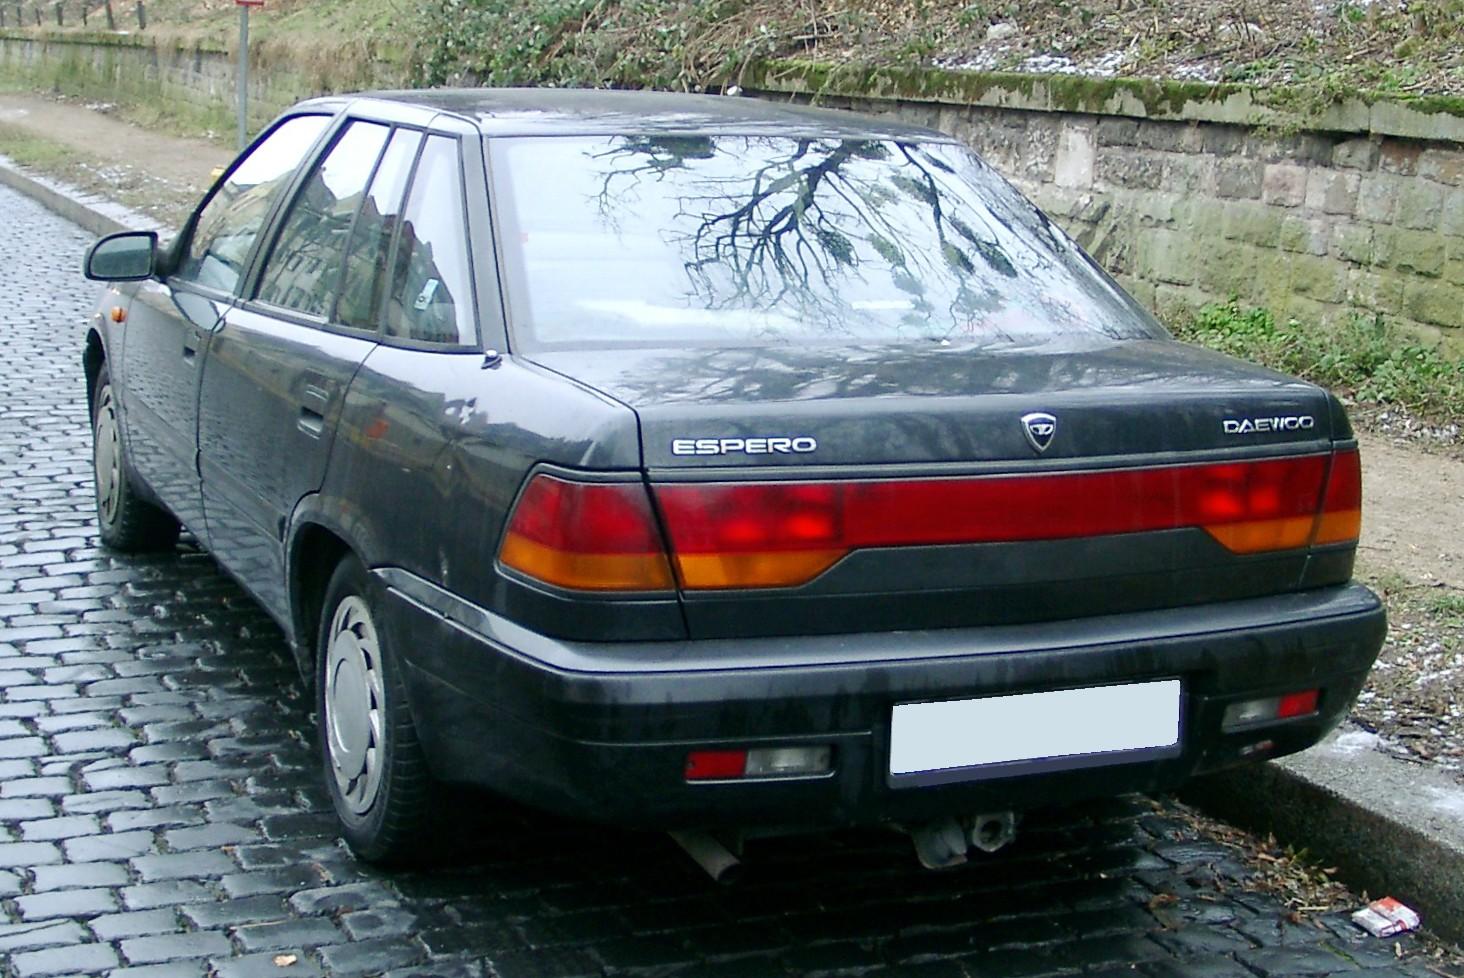 1996 Daewoo Espero Partsopen